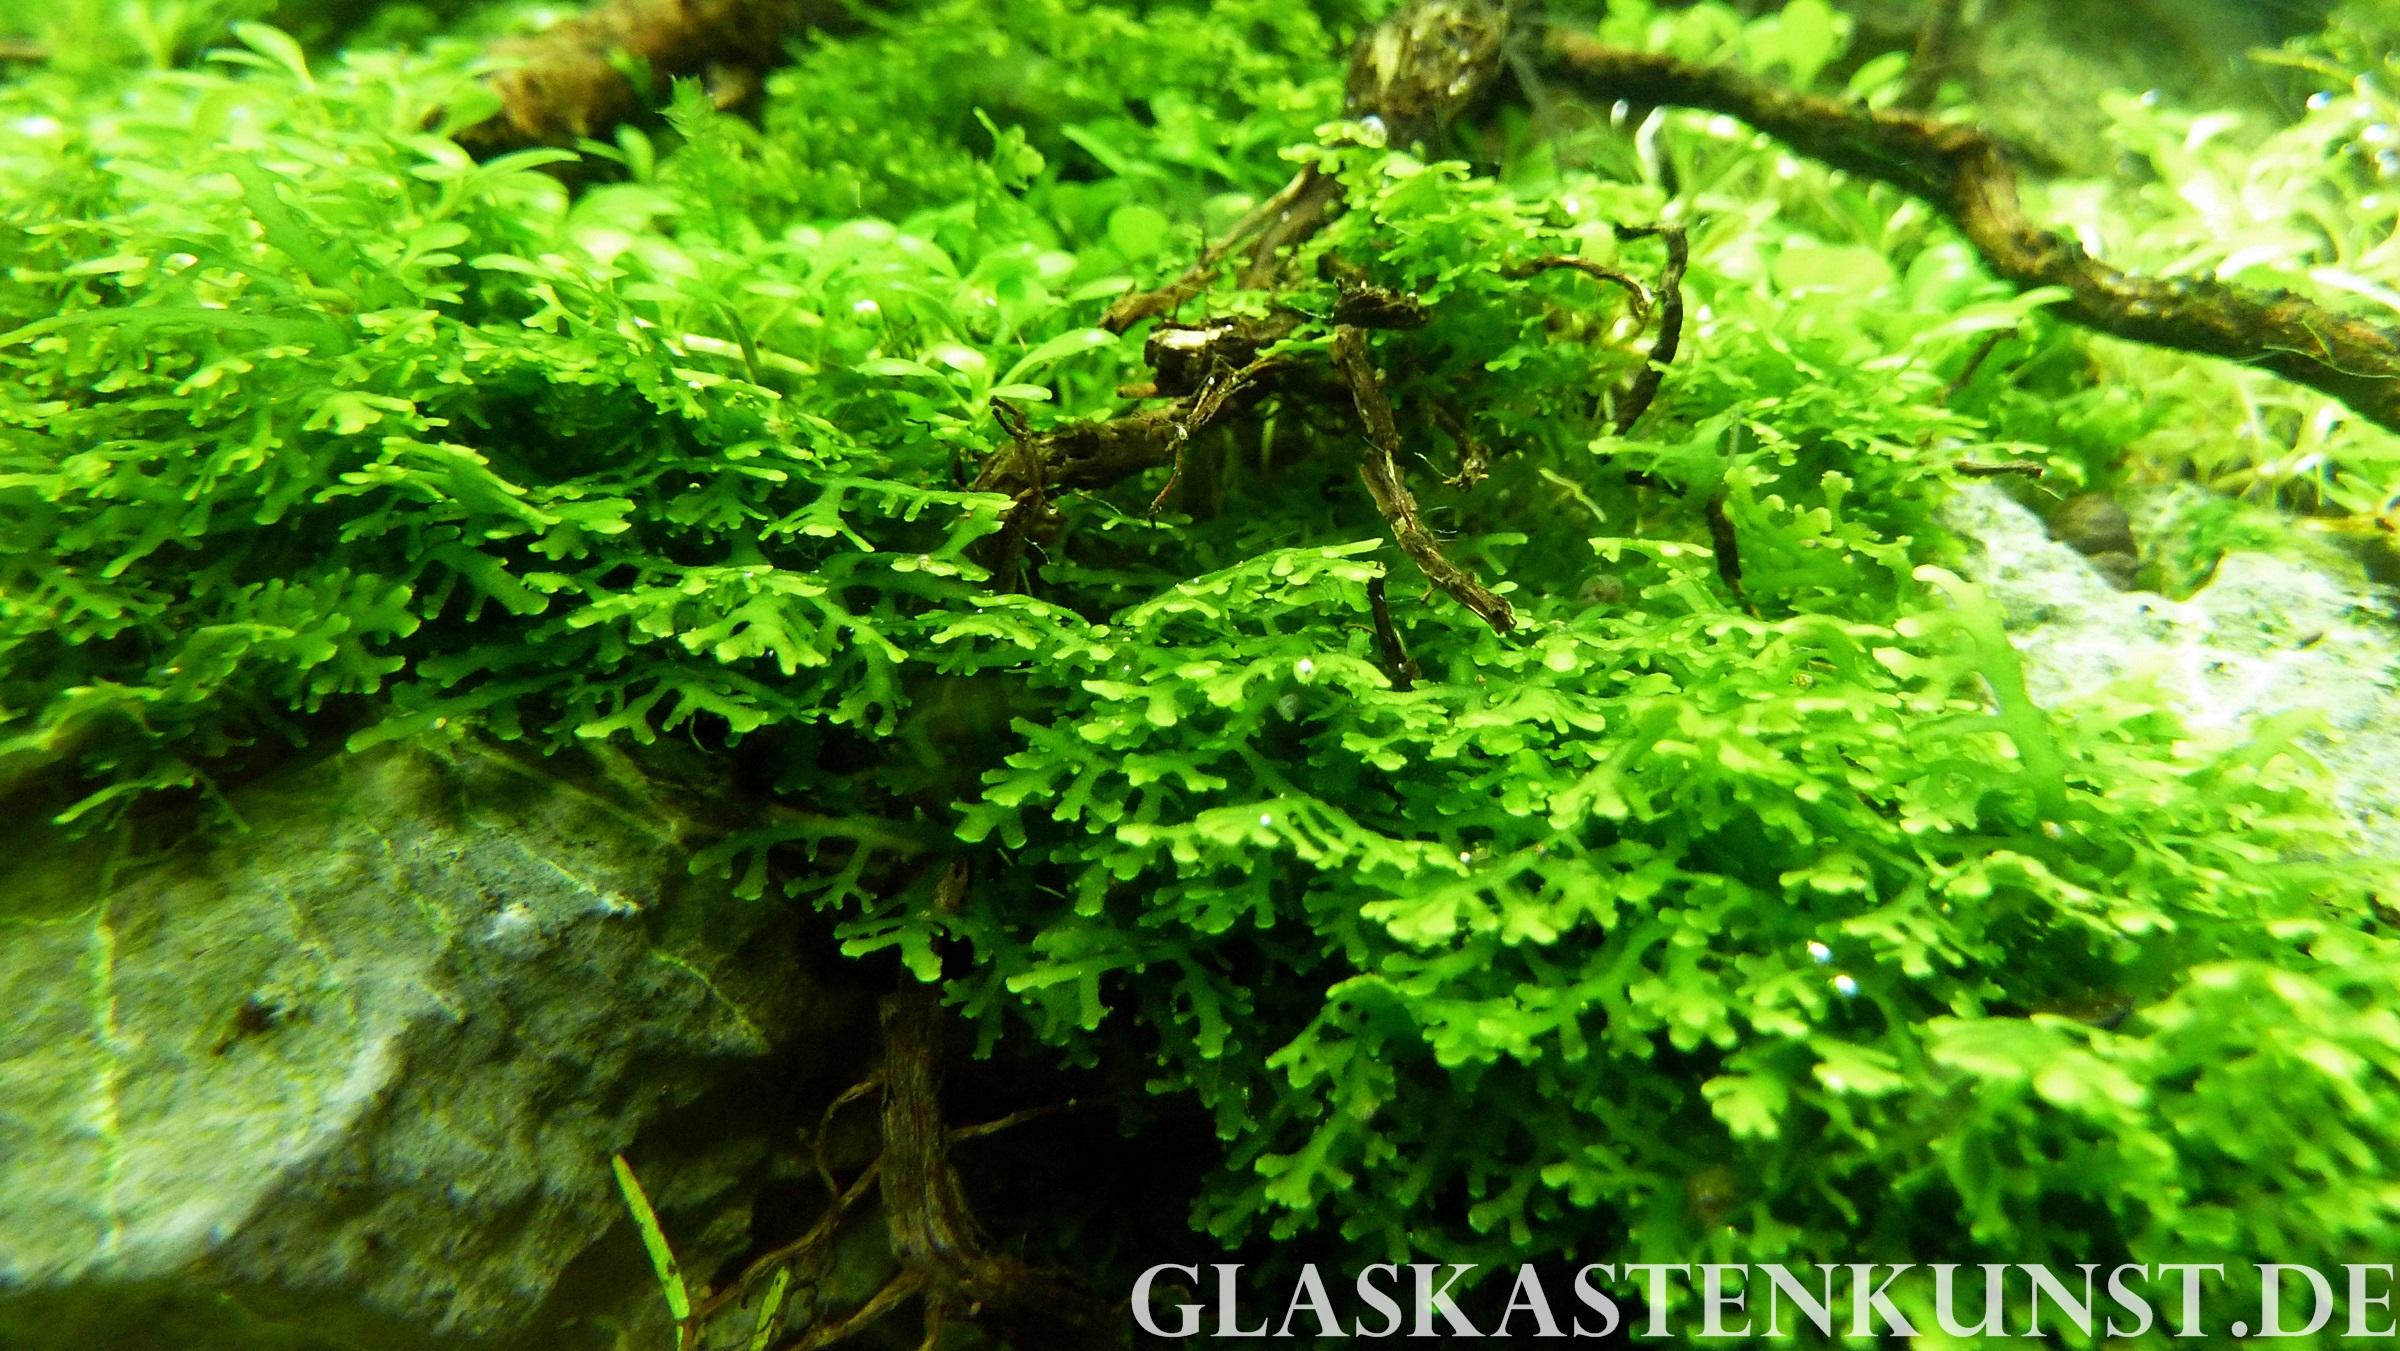 Bepflanzung Glaskastenkunst